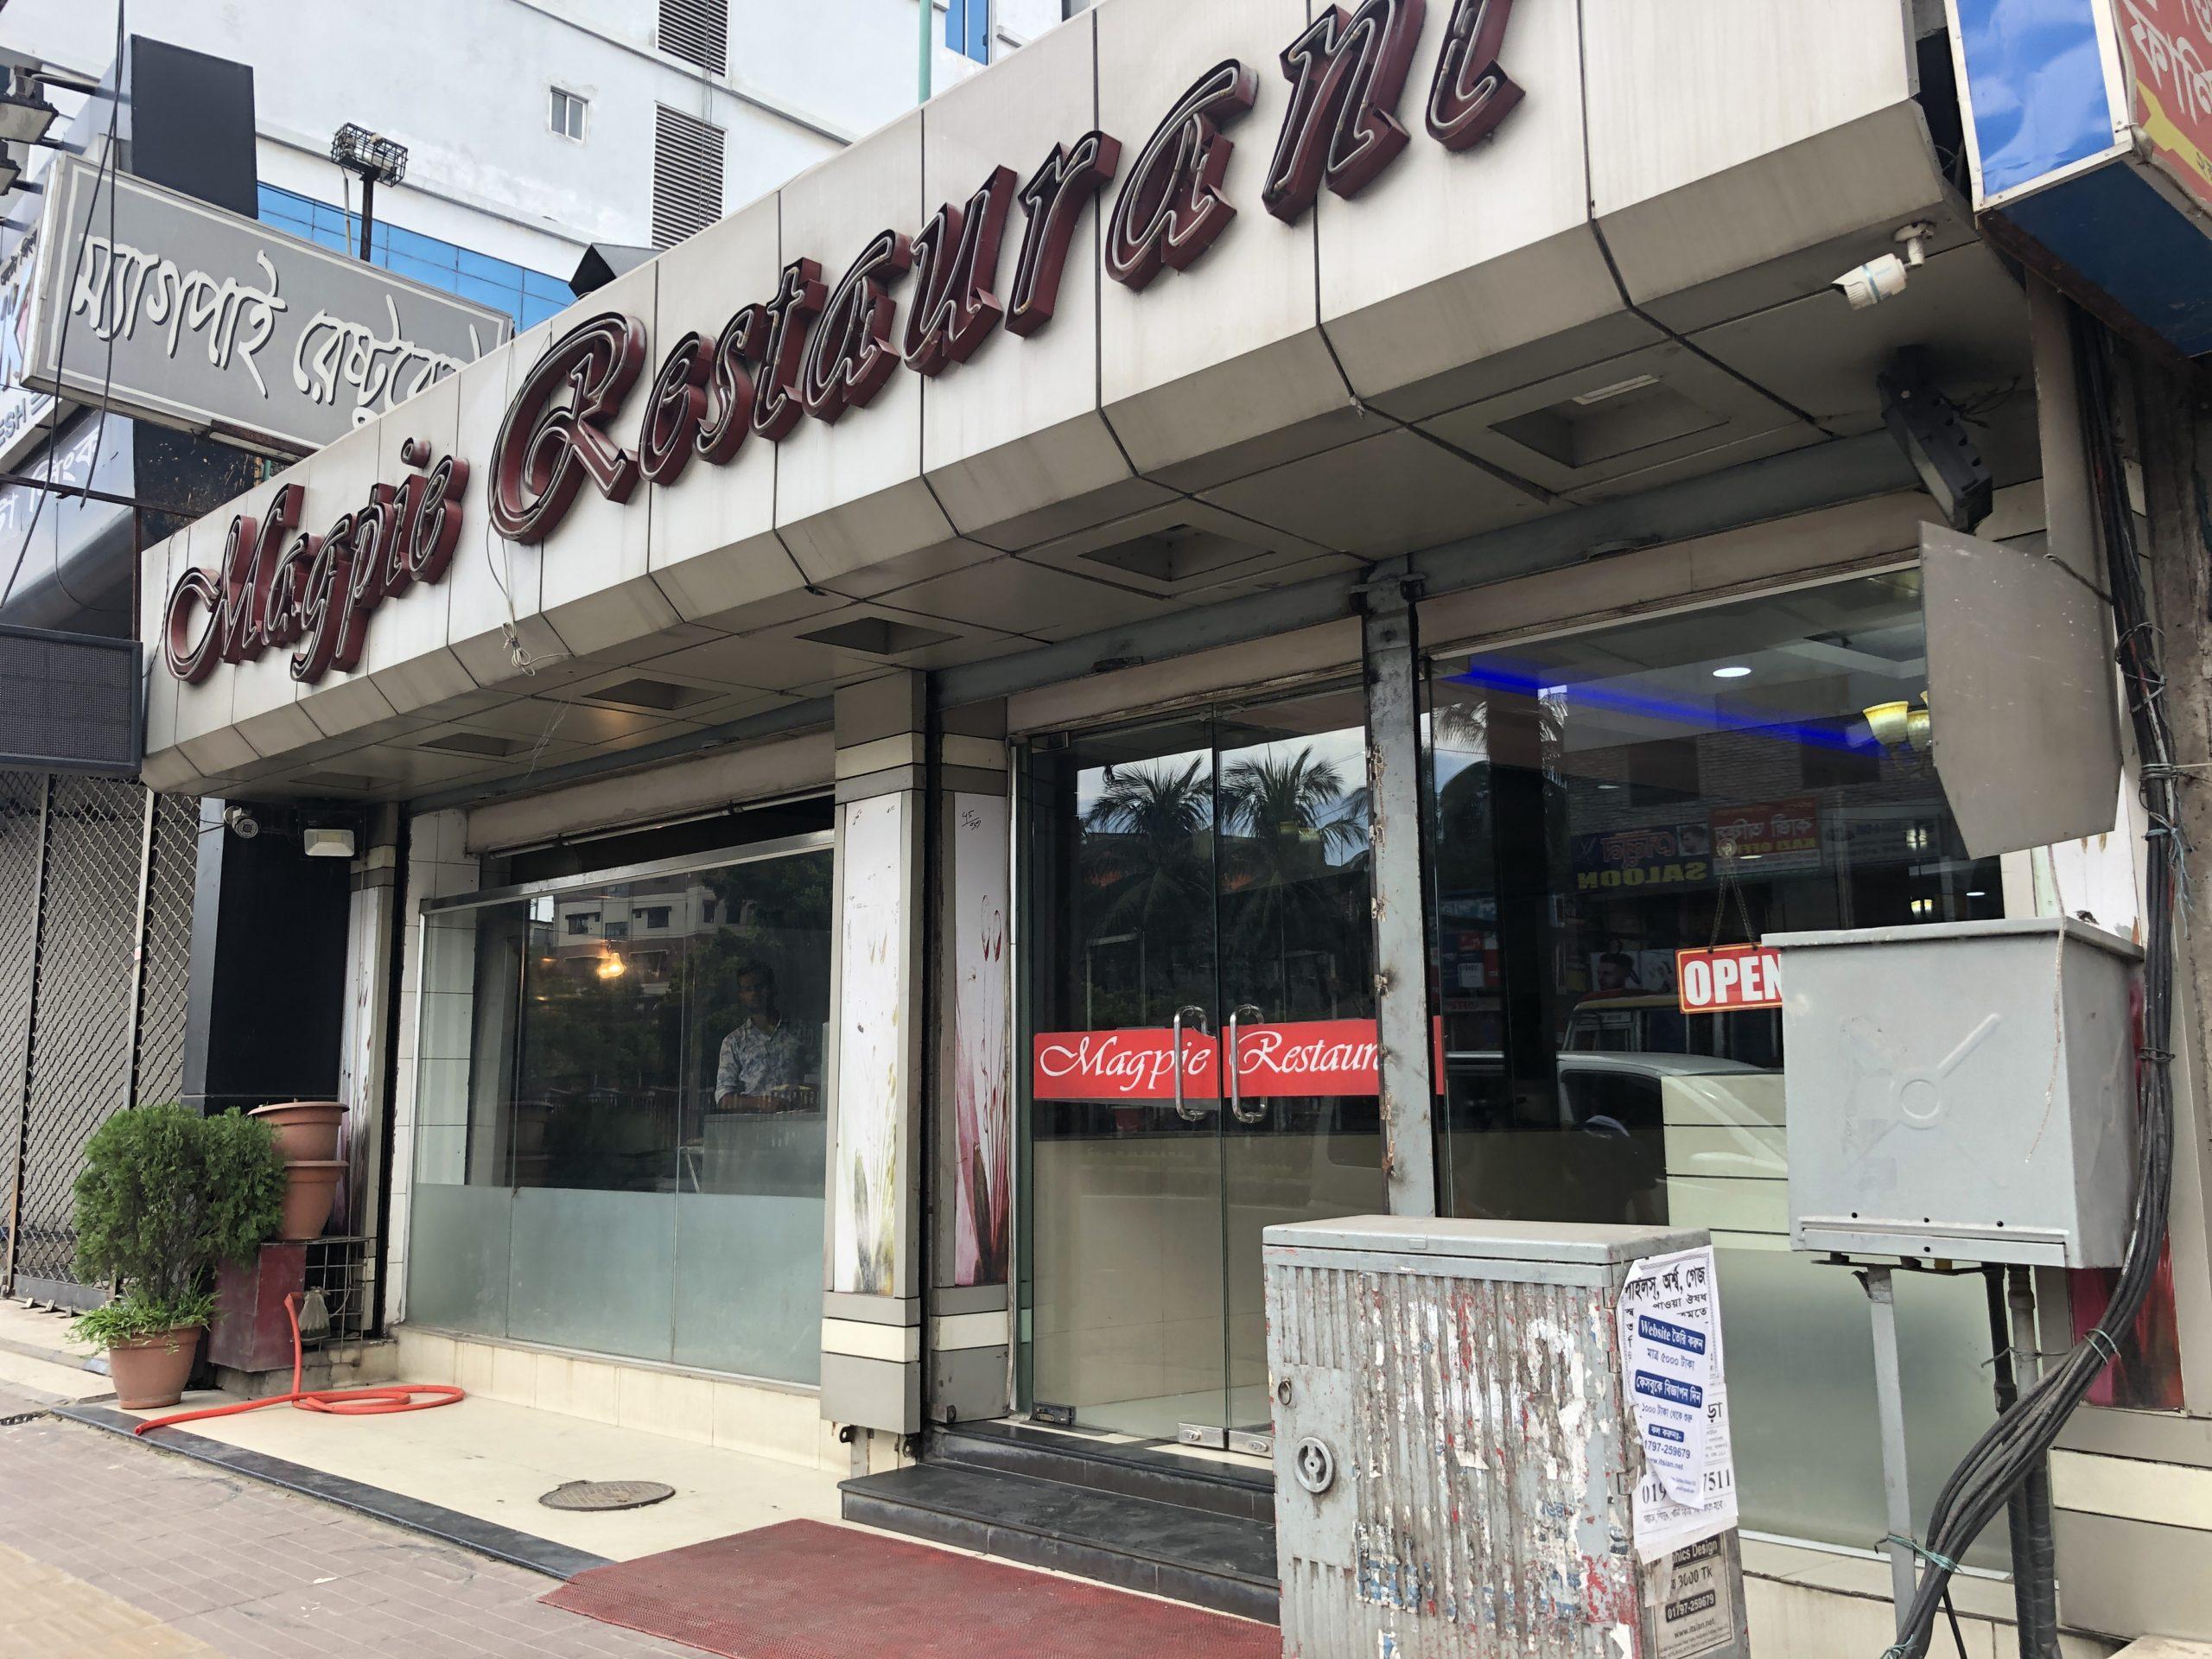 「地元民でにぎわうベンガル料理店」Magpie Restaurant@ダッカ